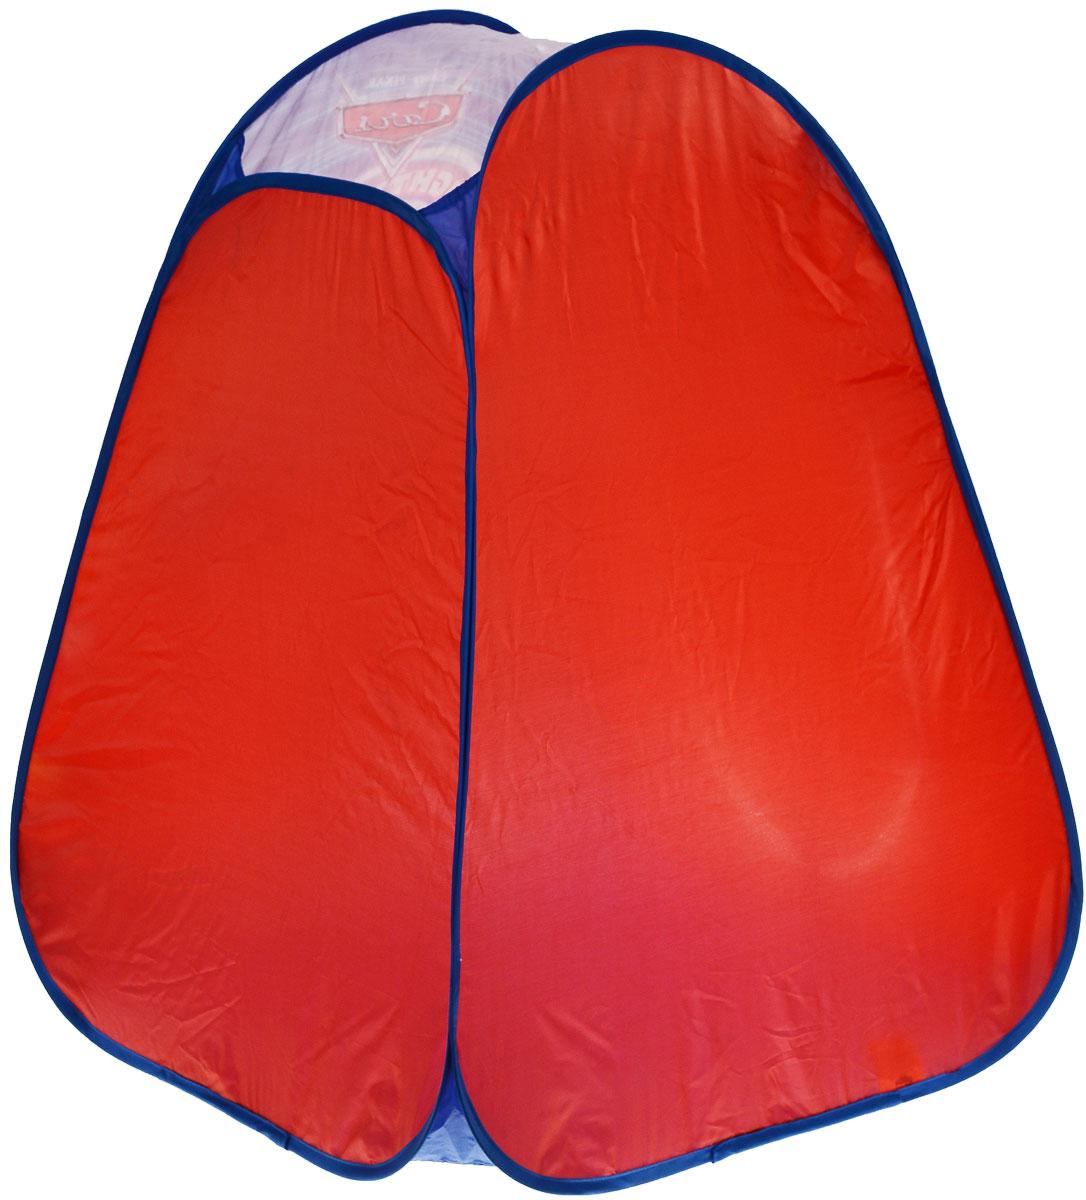 """John Детская игровая палатка """"Тачки: Неон"""", 75 см х 75 см х 90 см - 2"""